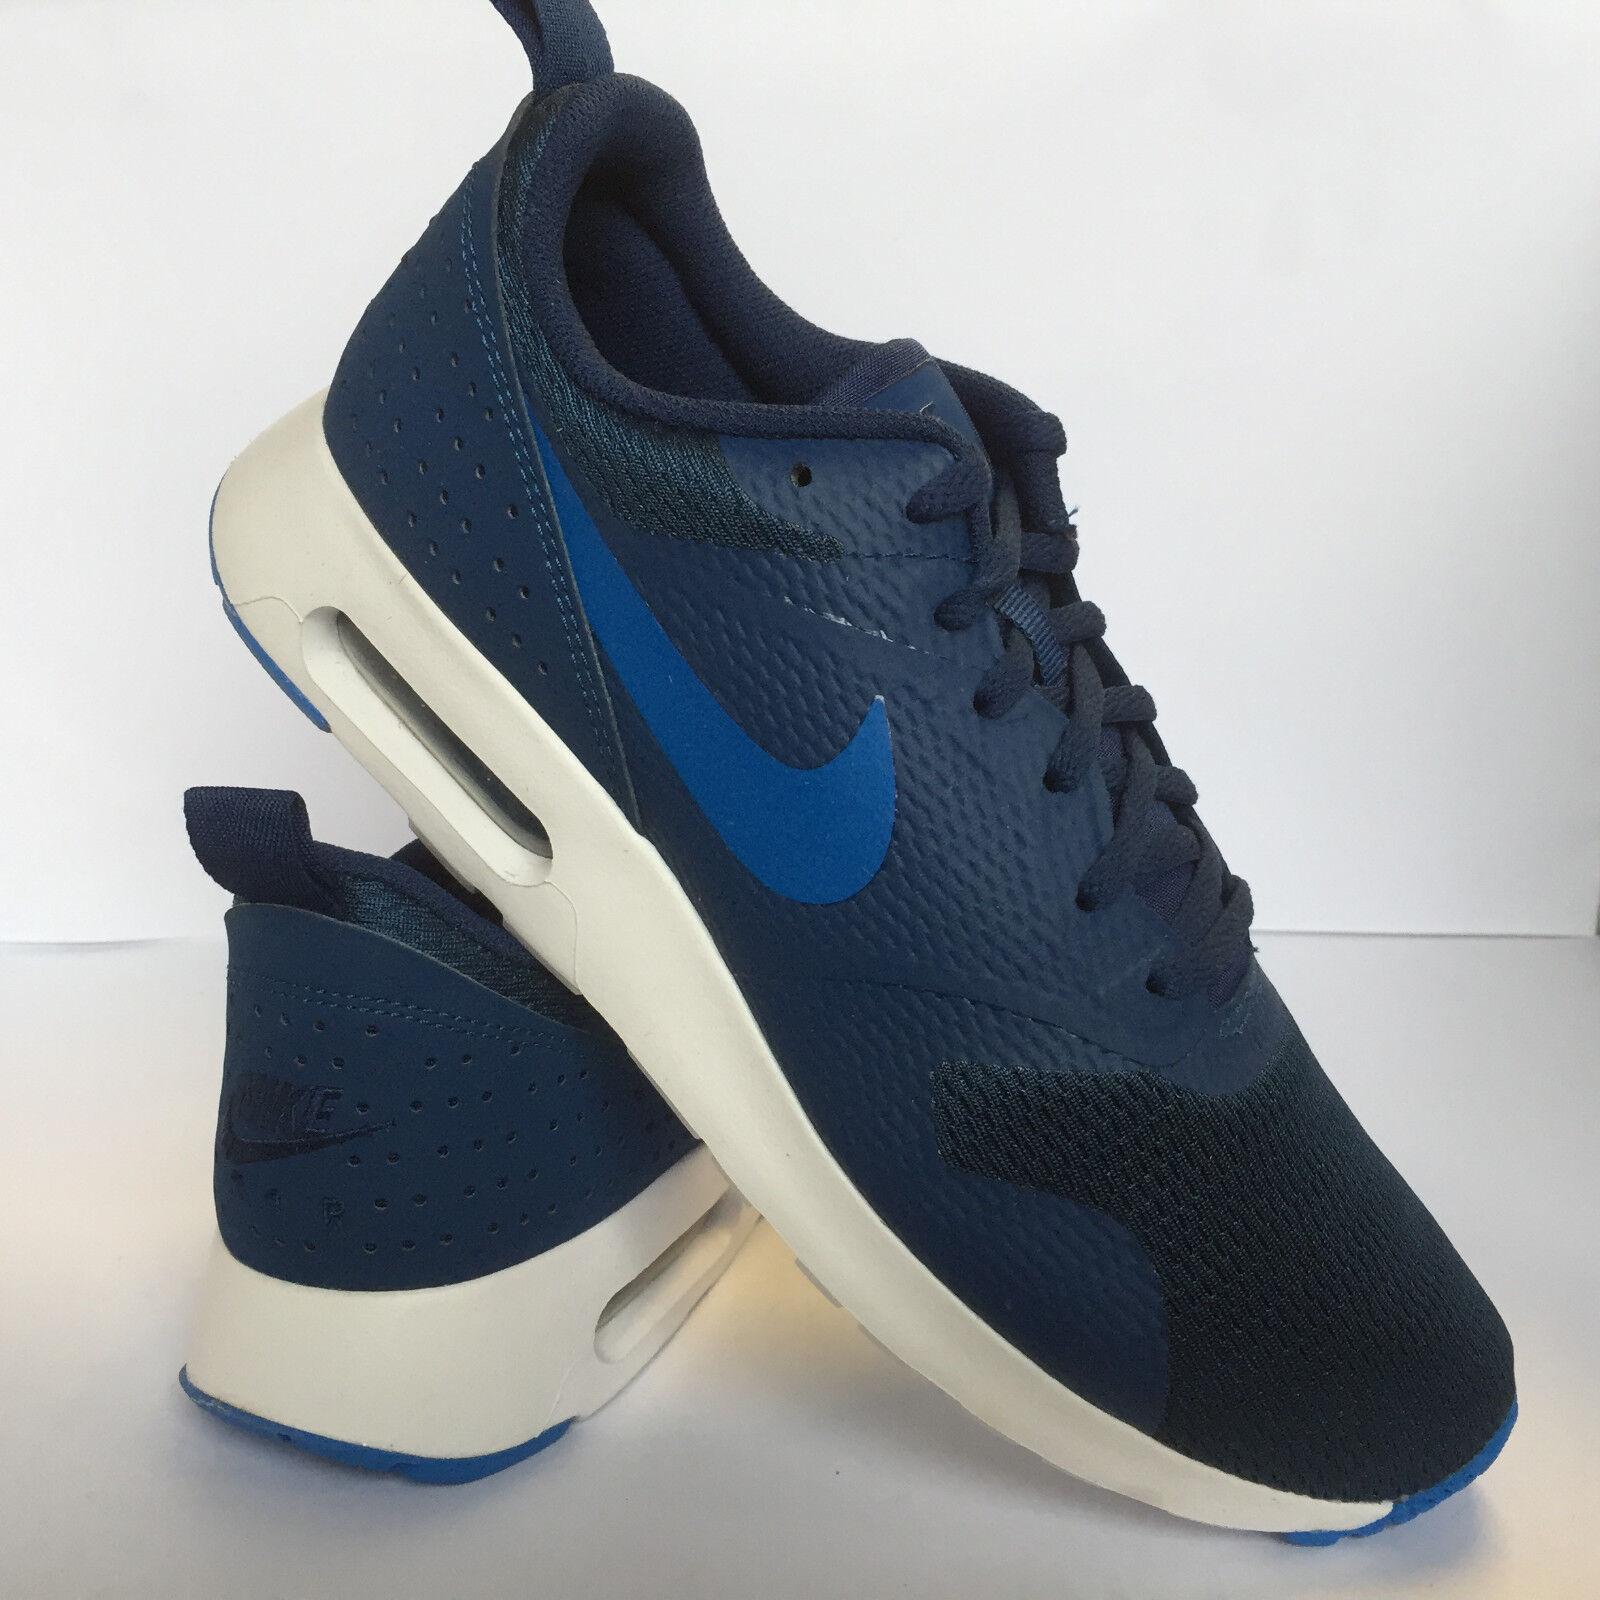 Da Uomo Nike Air Max Tavas BLU NUOVO .99 Sautope classeiche da uomo